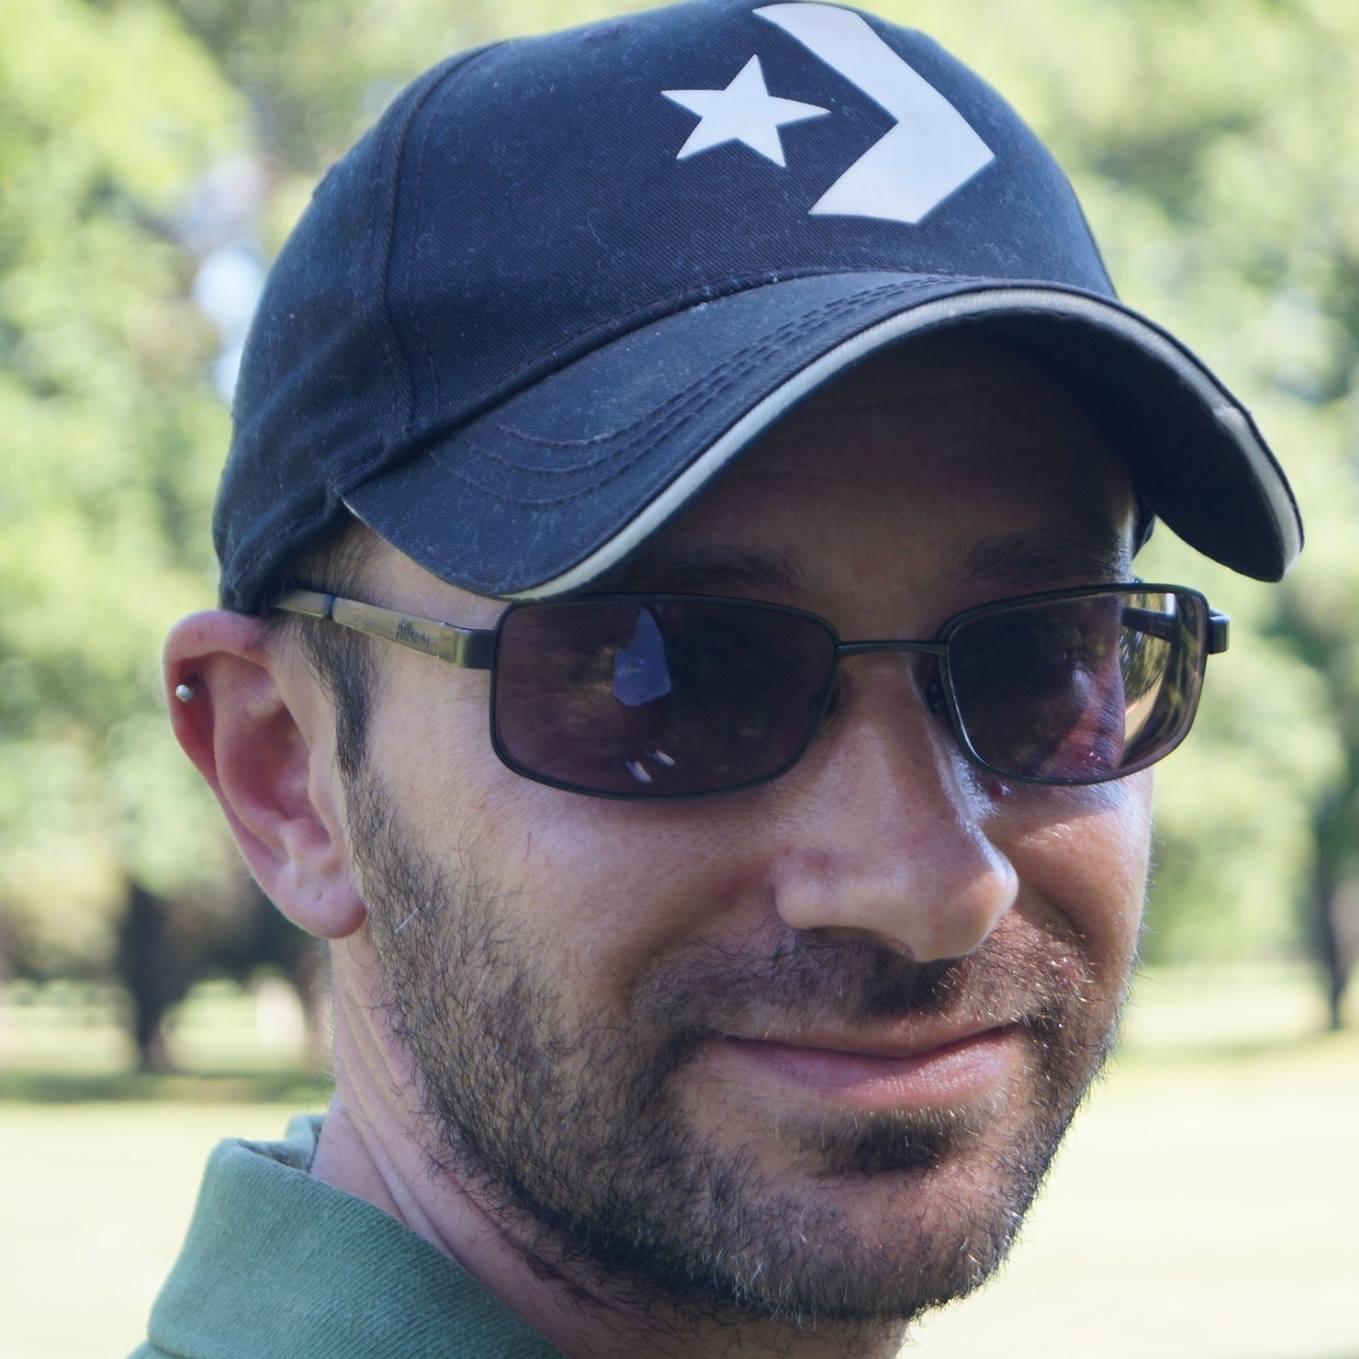 Rafael Beltrami